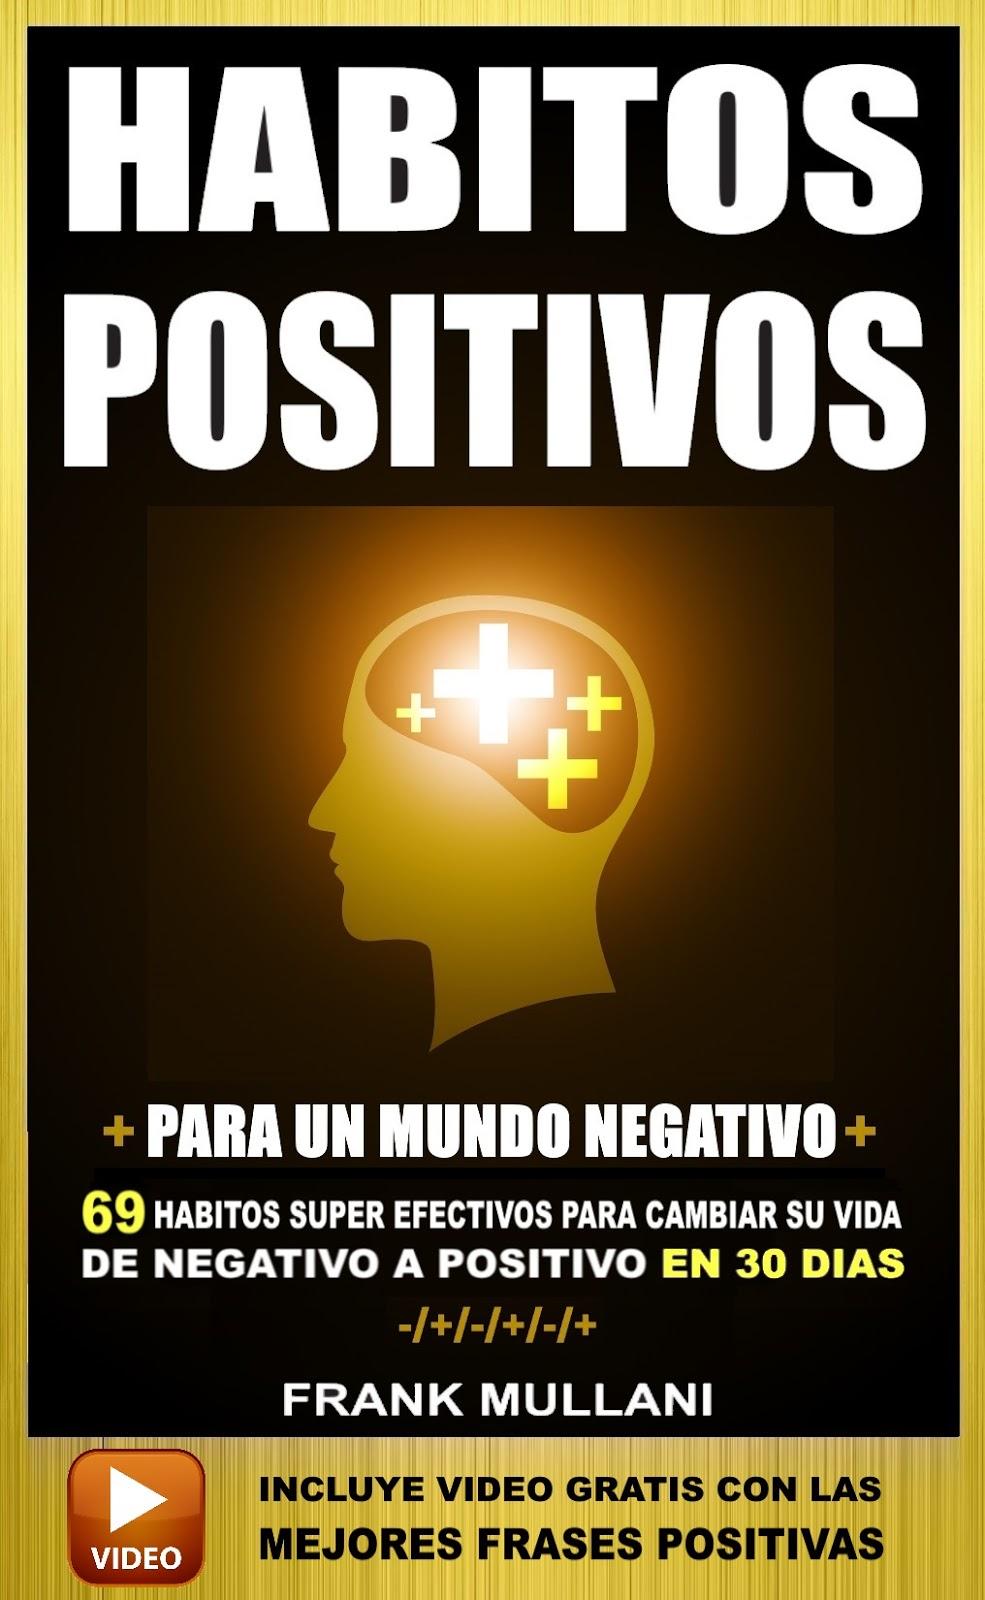 Practique HABITOS POSITIVOS cada día y siéntase más motivado y más  optimista que nunca antes.